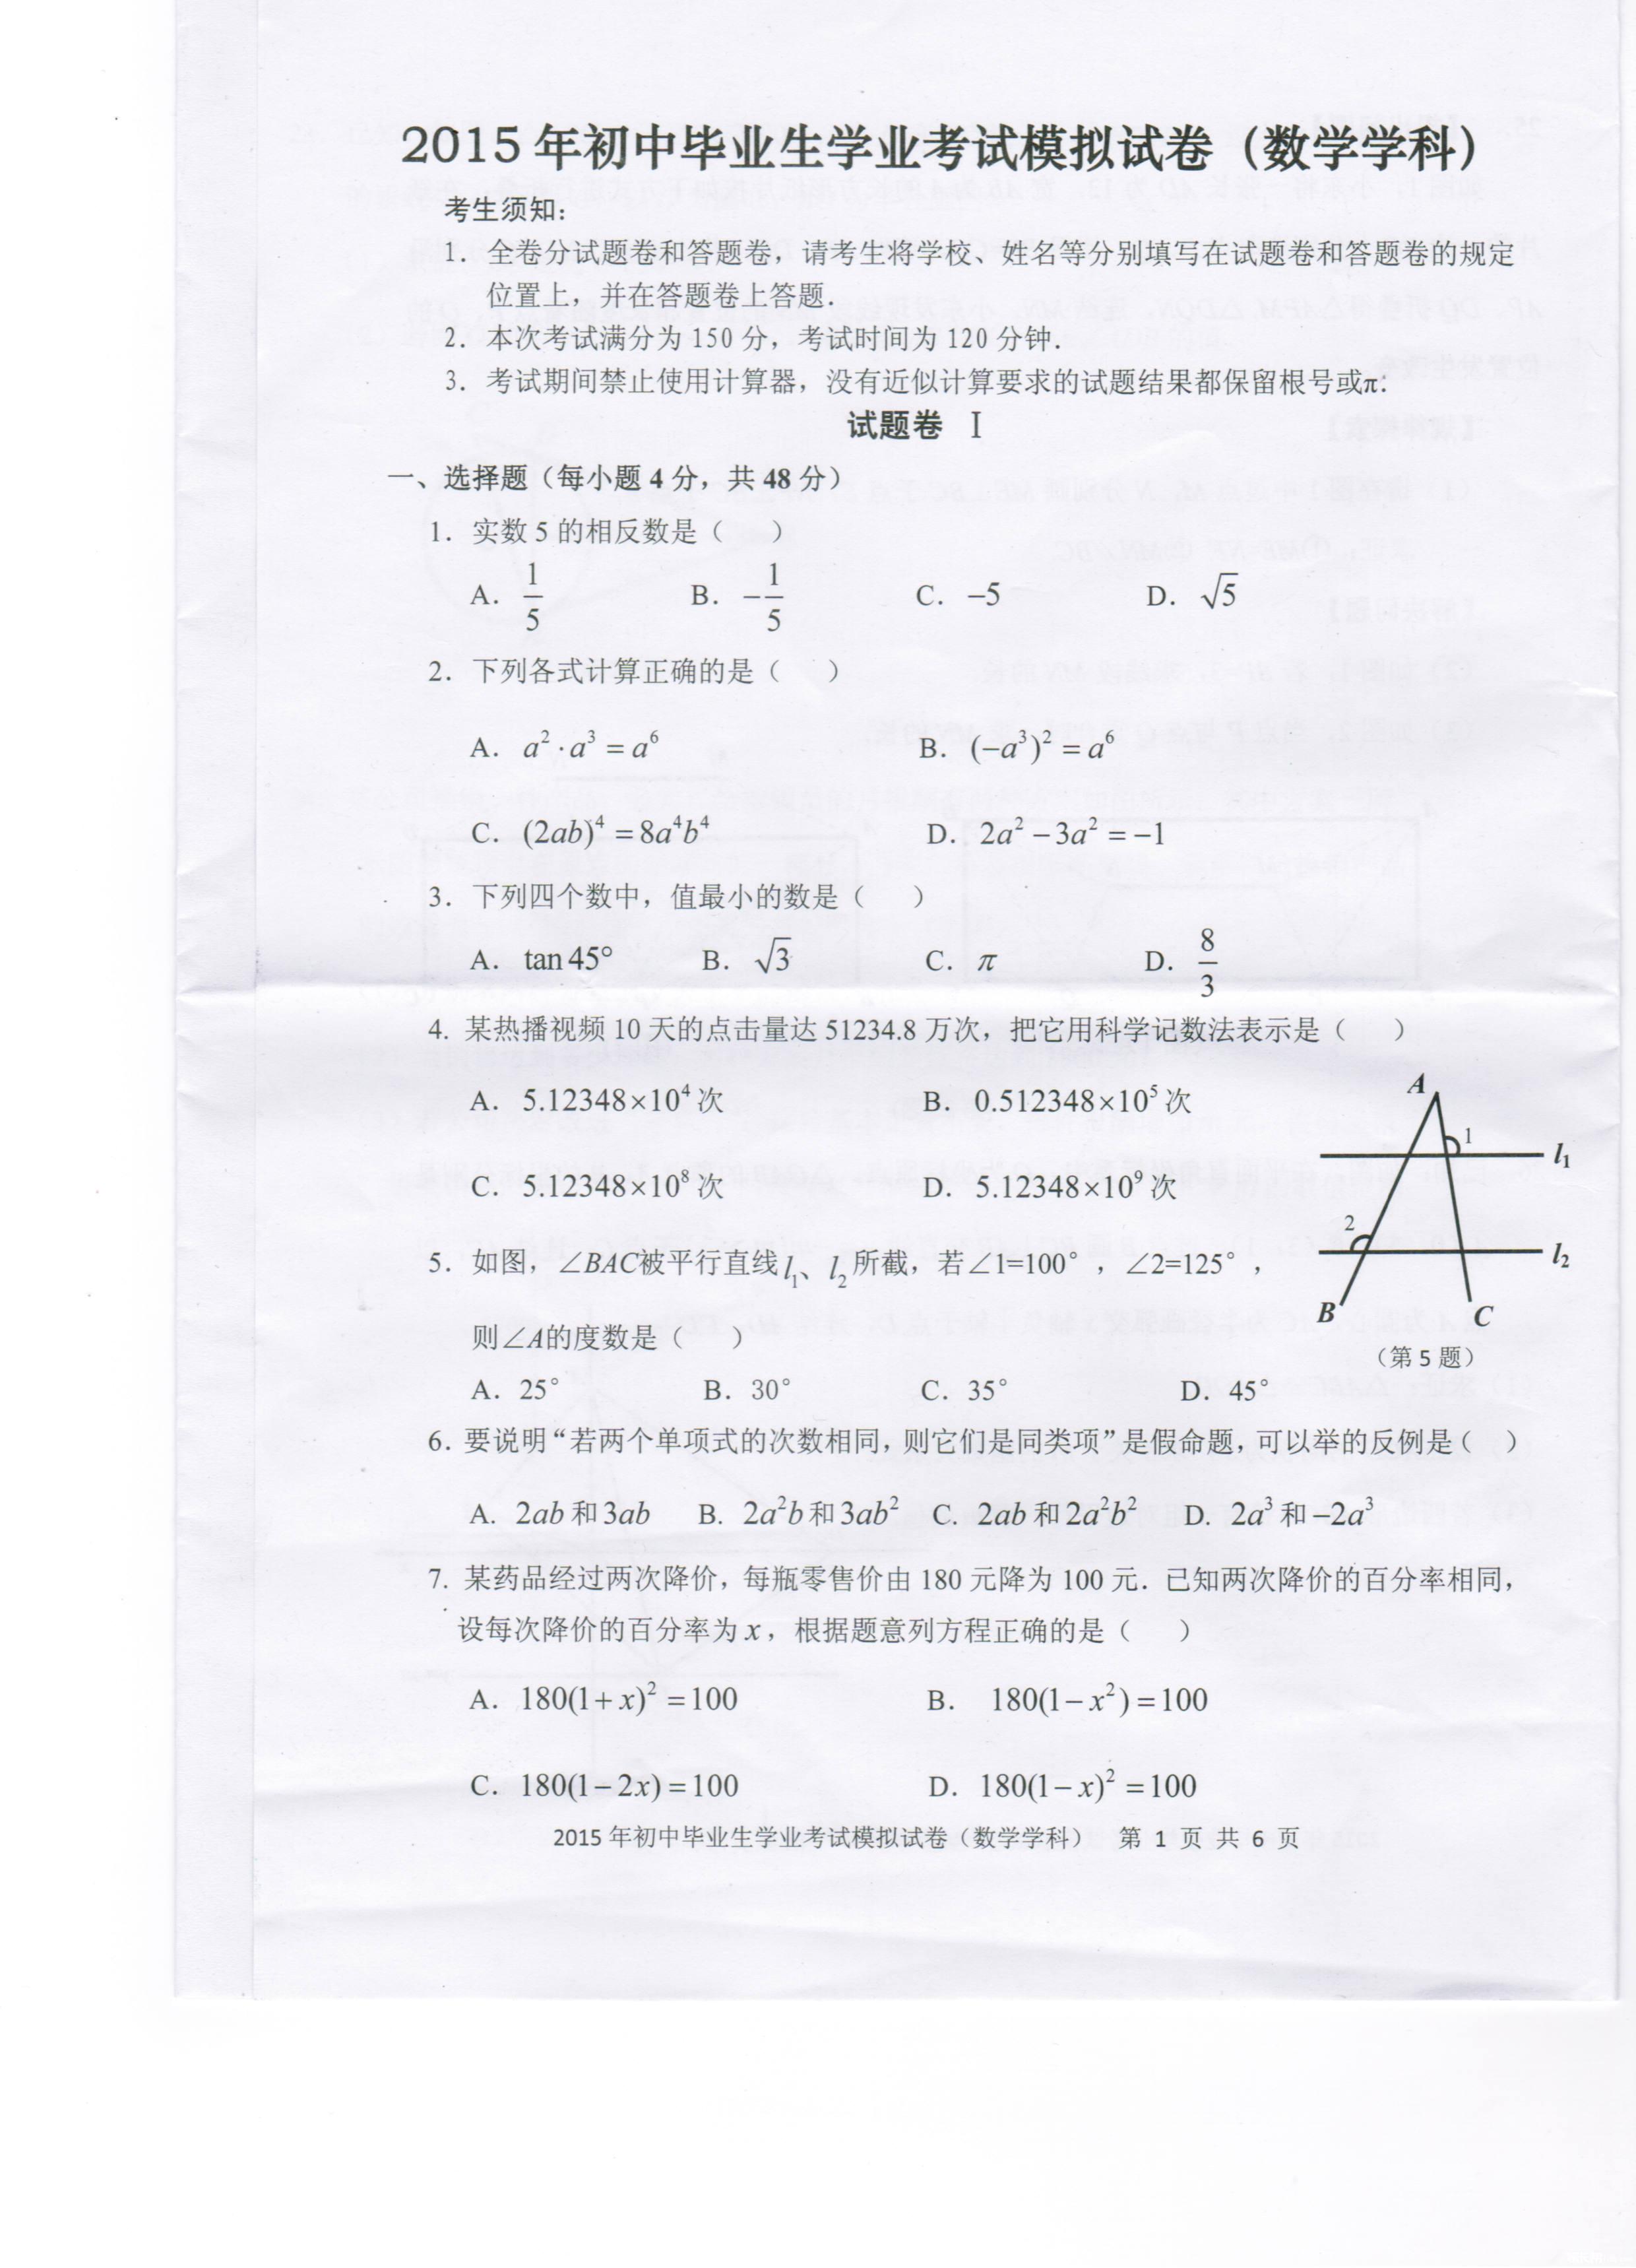 江北数学模拟卷一.jpg